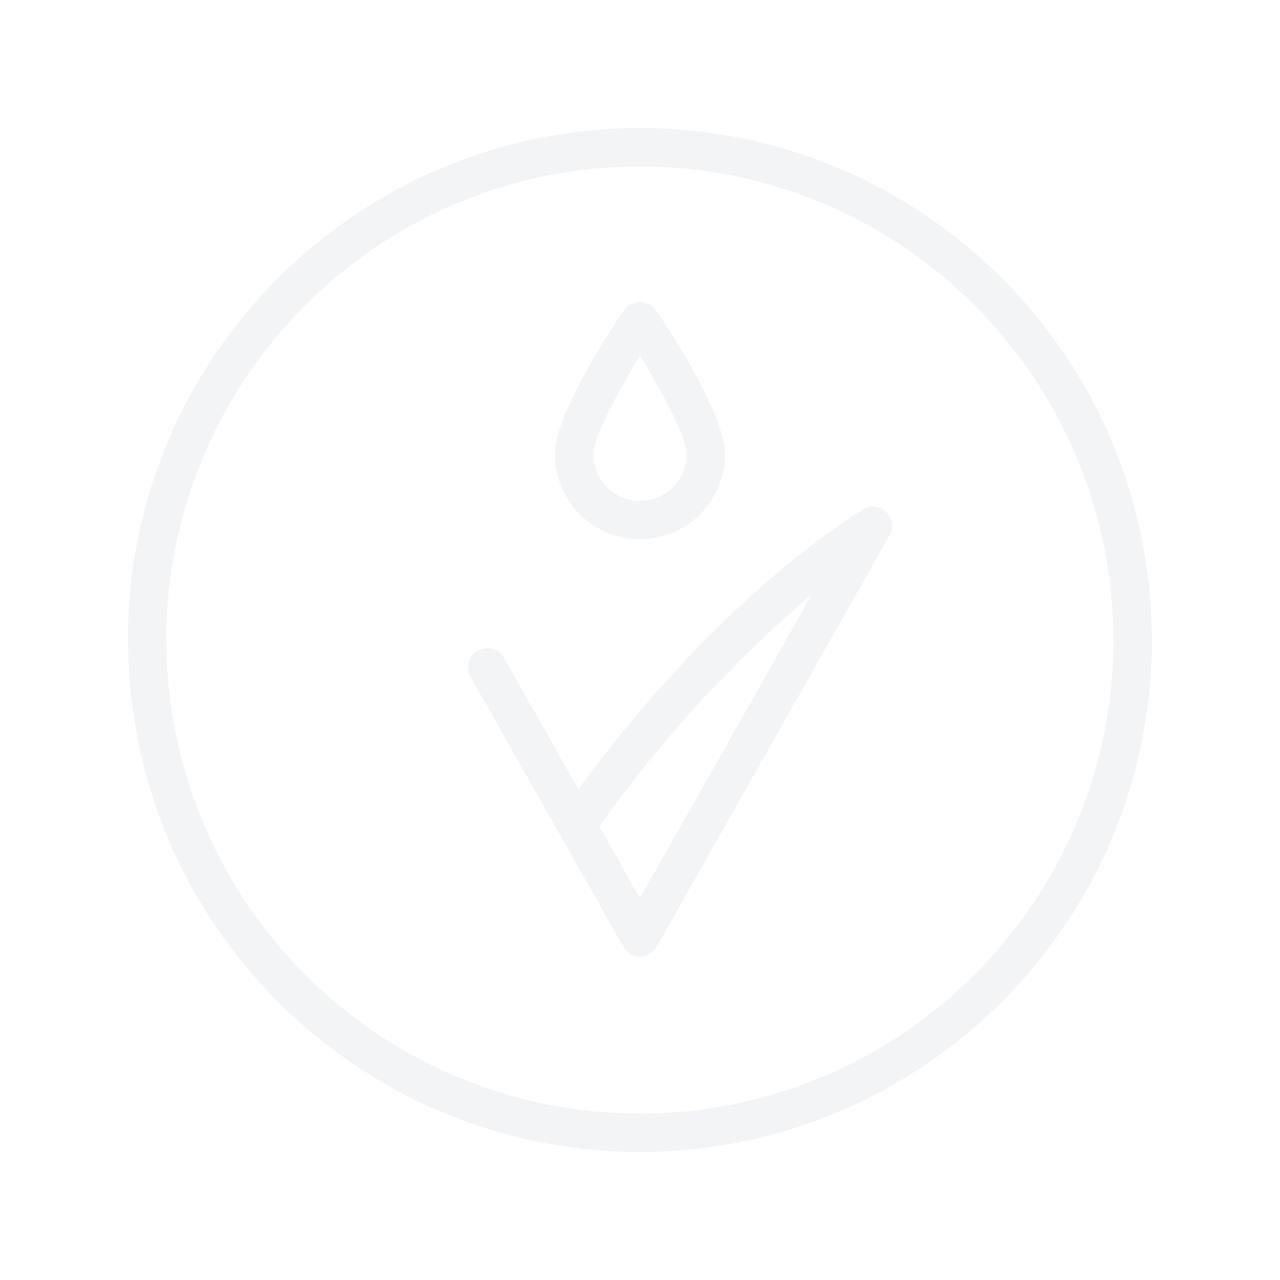 GIORGIO ARMANI Emporio Because Its You Eau De Parfum